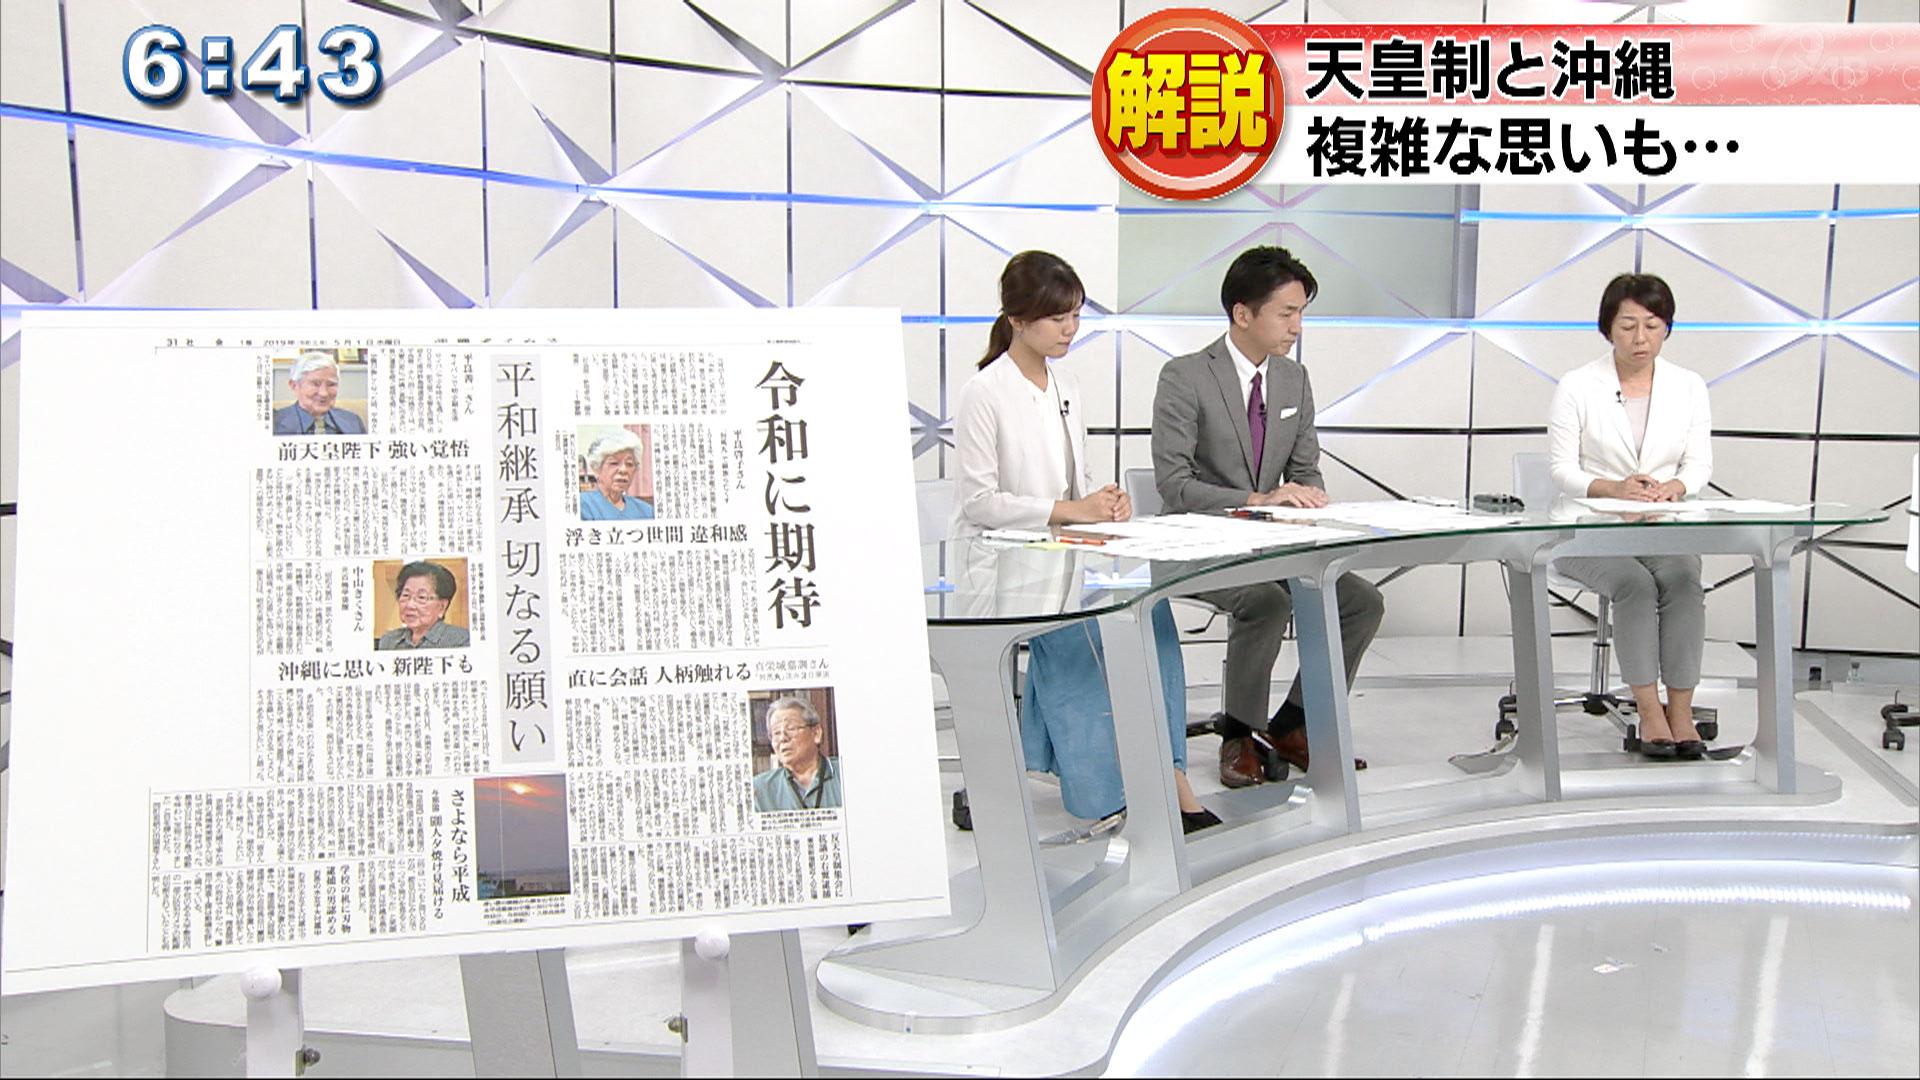 沖縄タイムス論説委員 黒島さん解説 天皇制と沖縄